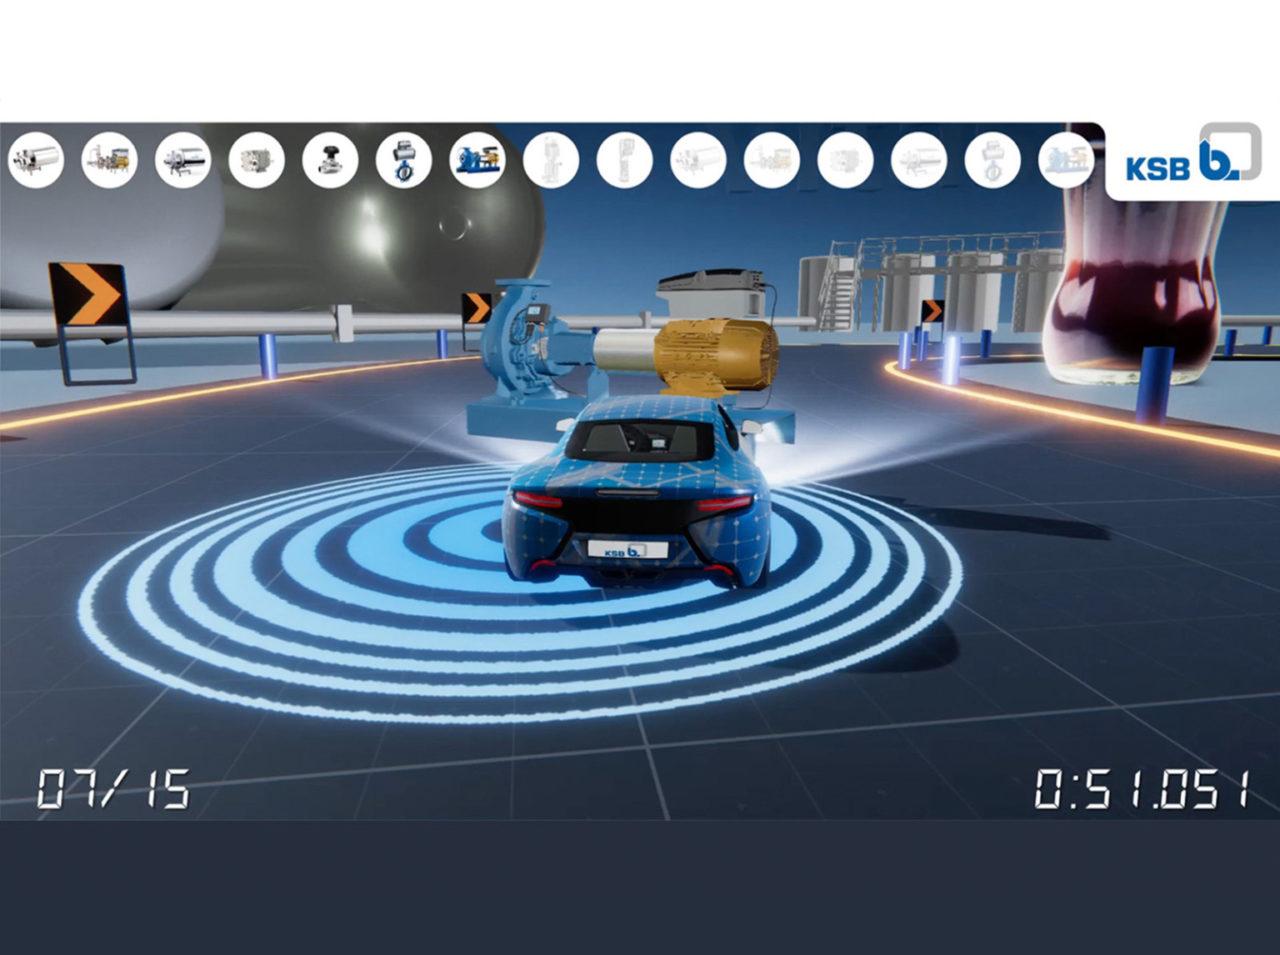 tecmotion - Ausschnitt aus dem Messespiel VITA-Racer für KSB, Rennspiel